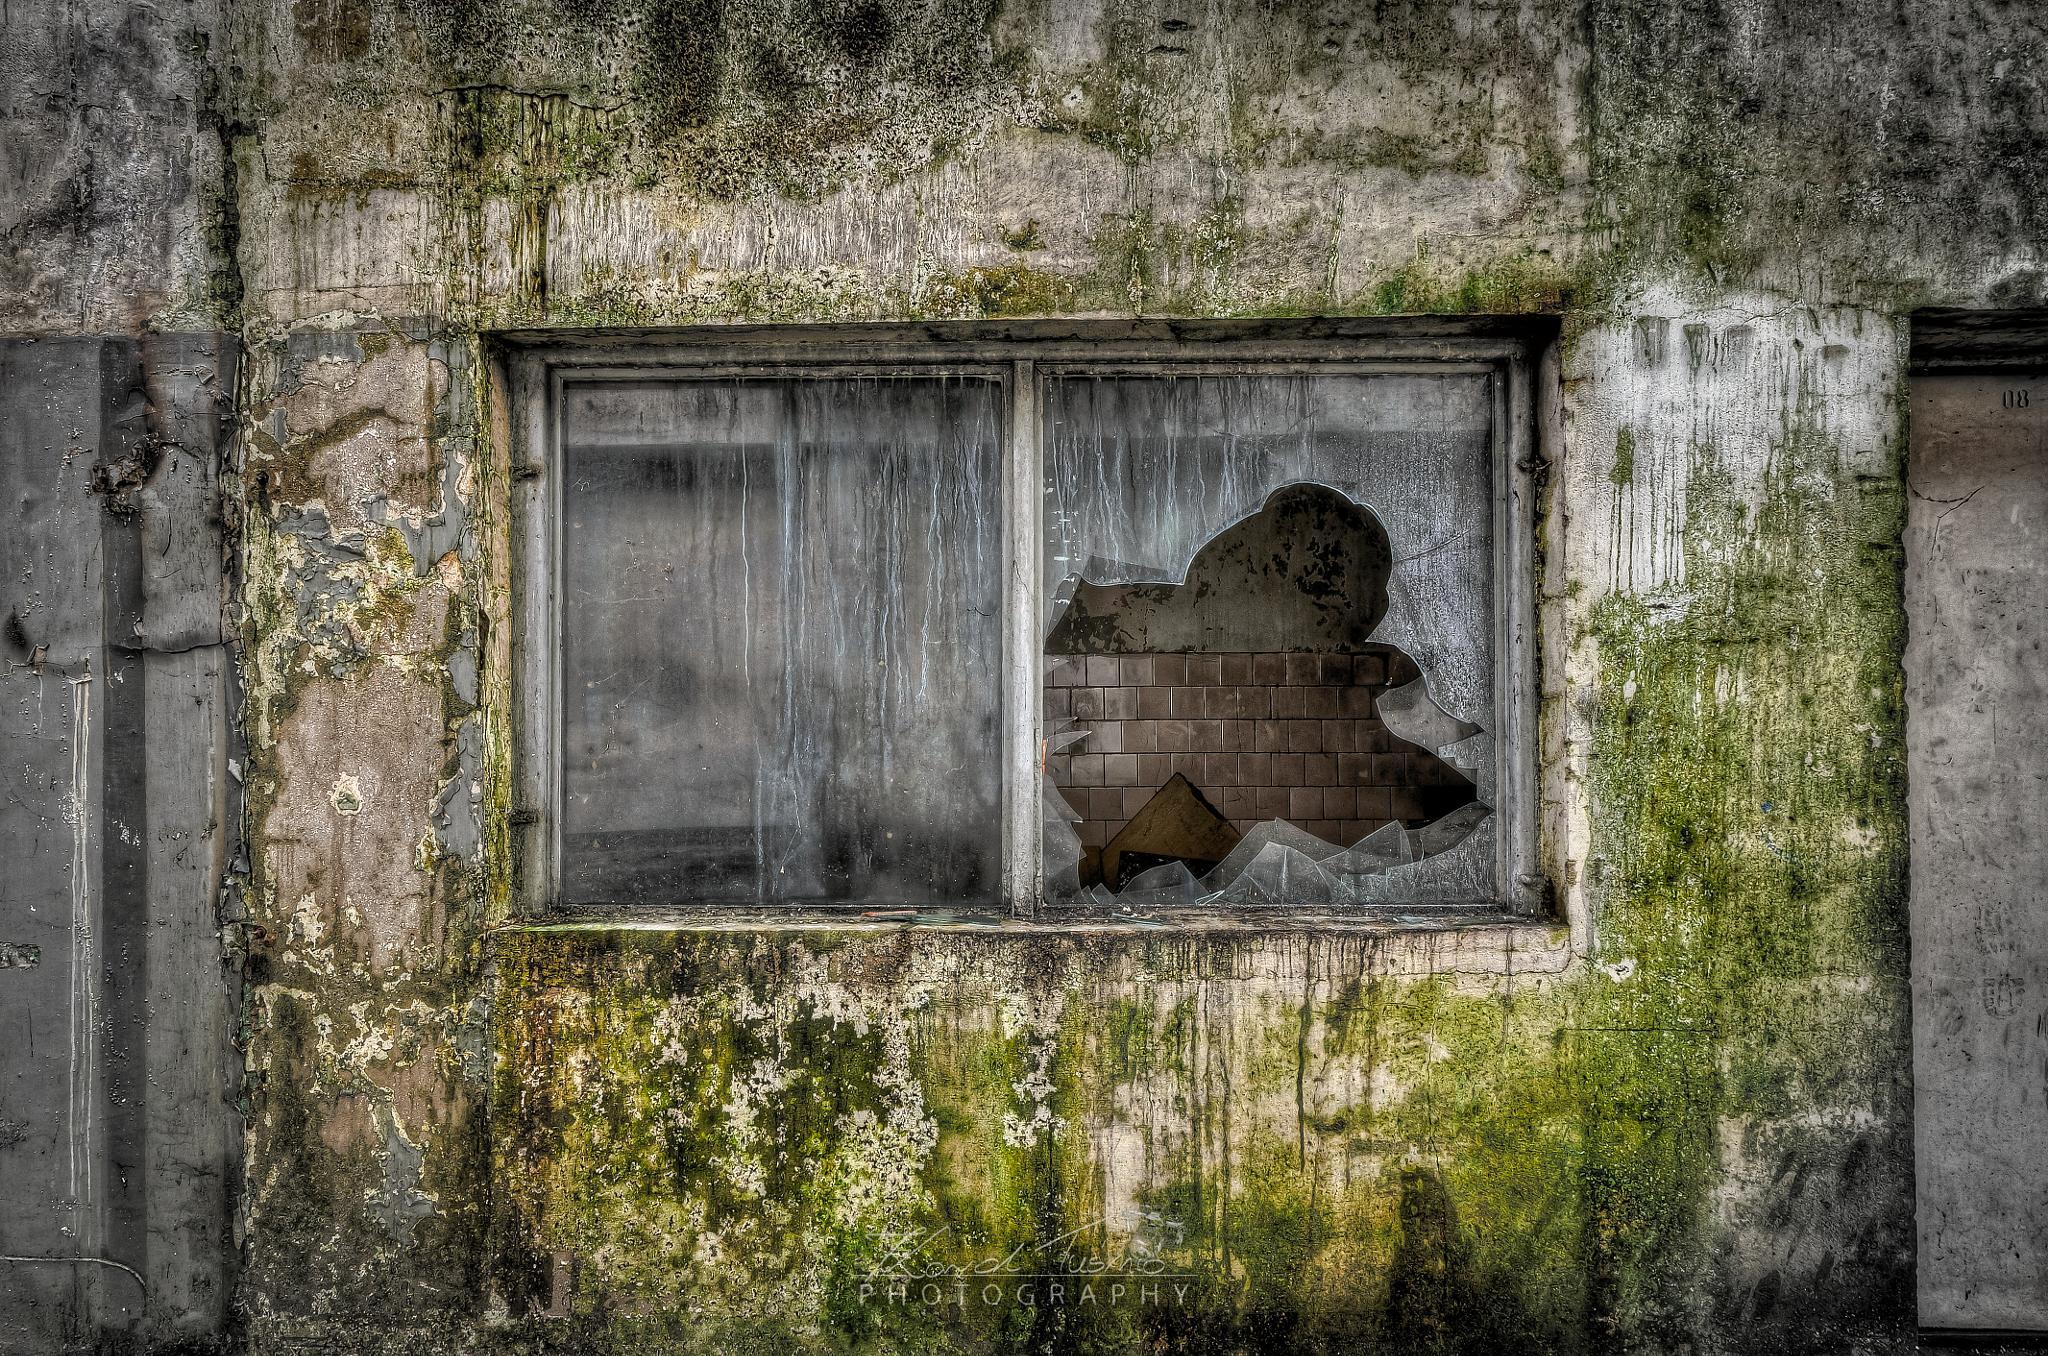 Window from the nightmares by Karol Tuśnio